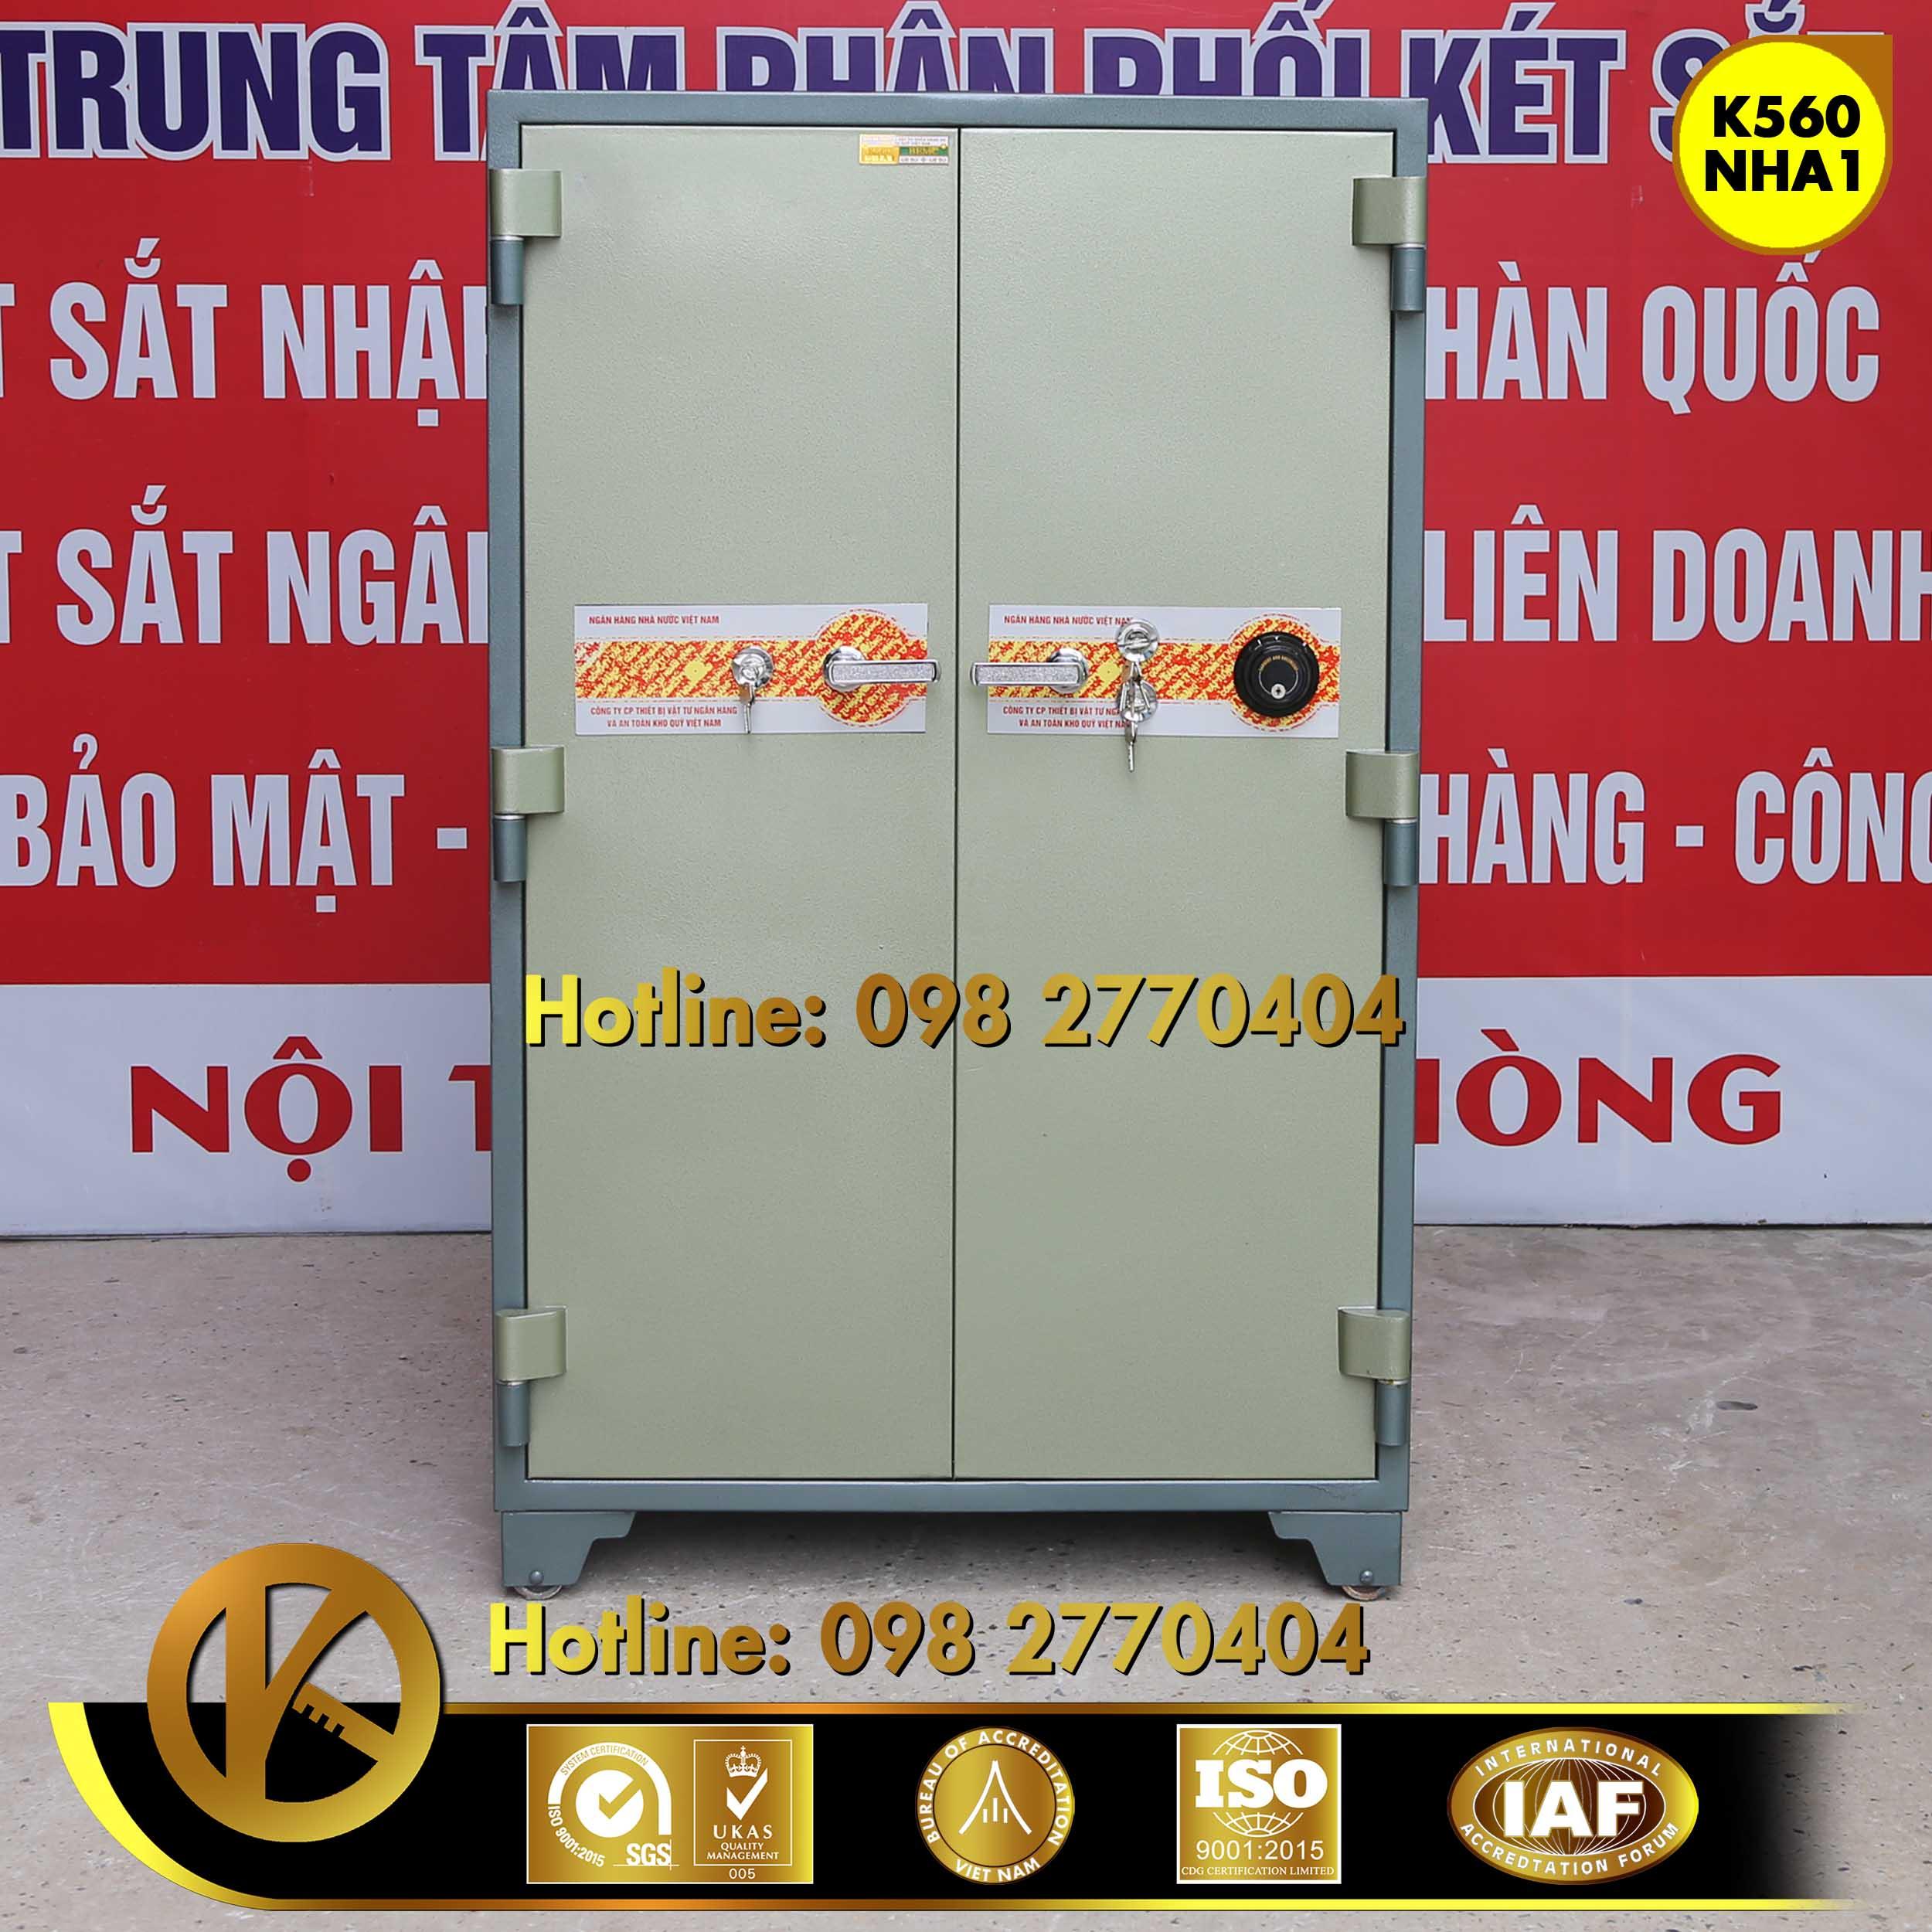 Két sắt ngân hàng K560 NHA1 khóa đổi mã Xanh